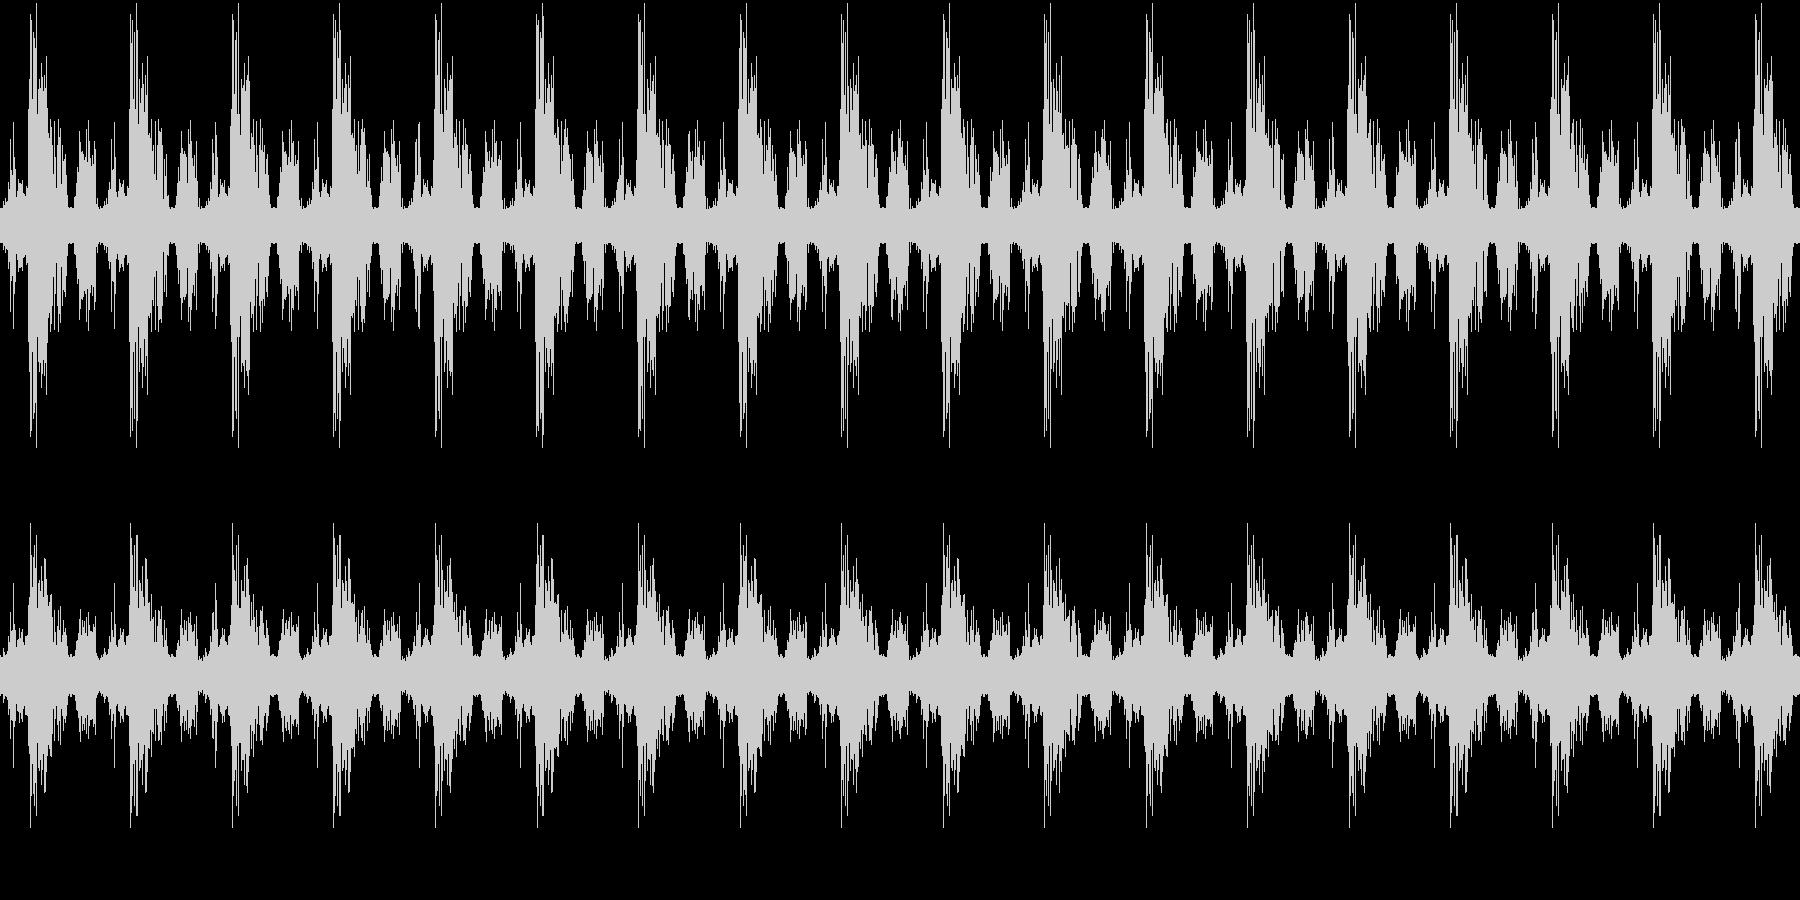 小鳥、雀のさえずり(環境音・自然音)の未再生の波形